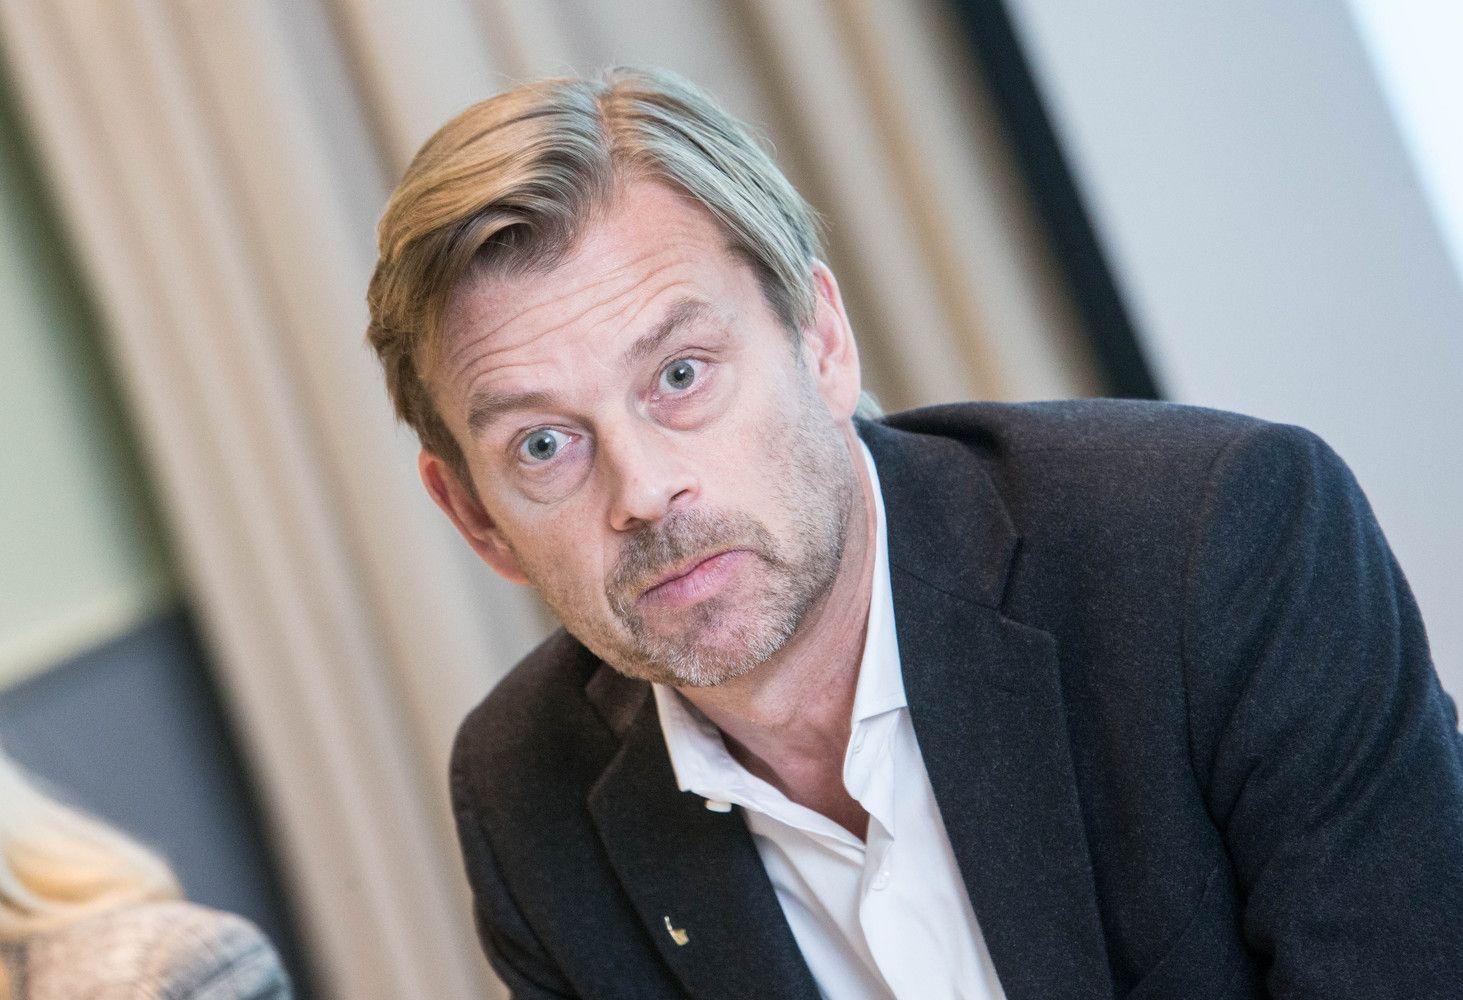 """Su """"Luminor"""" dirbs po skandalų pasitraukęs""""Swedbank"""" vadovas"""